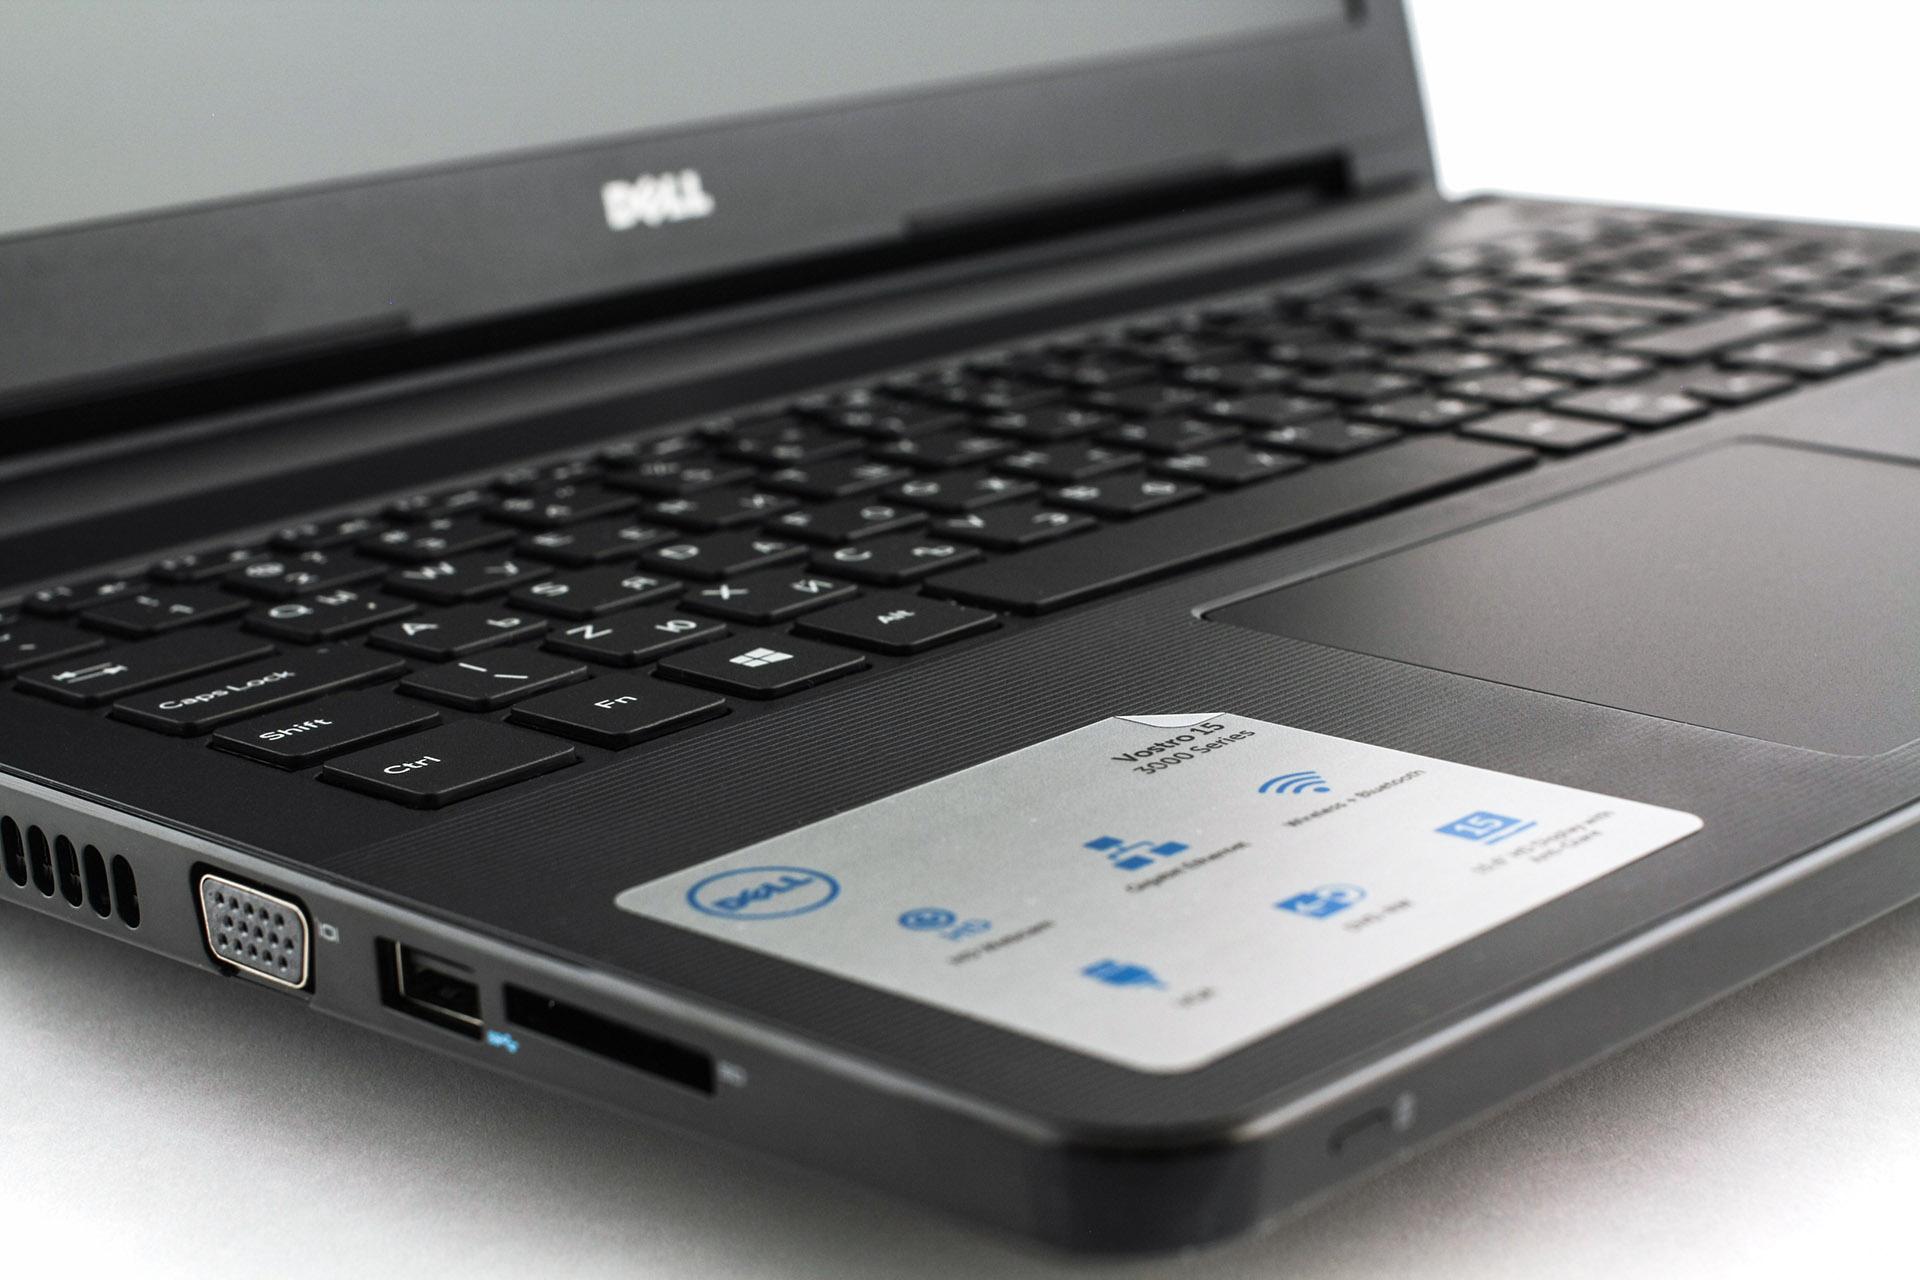 Dell 500 ноутбук инструкция